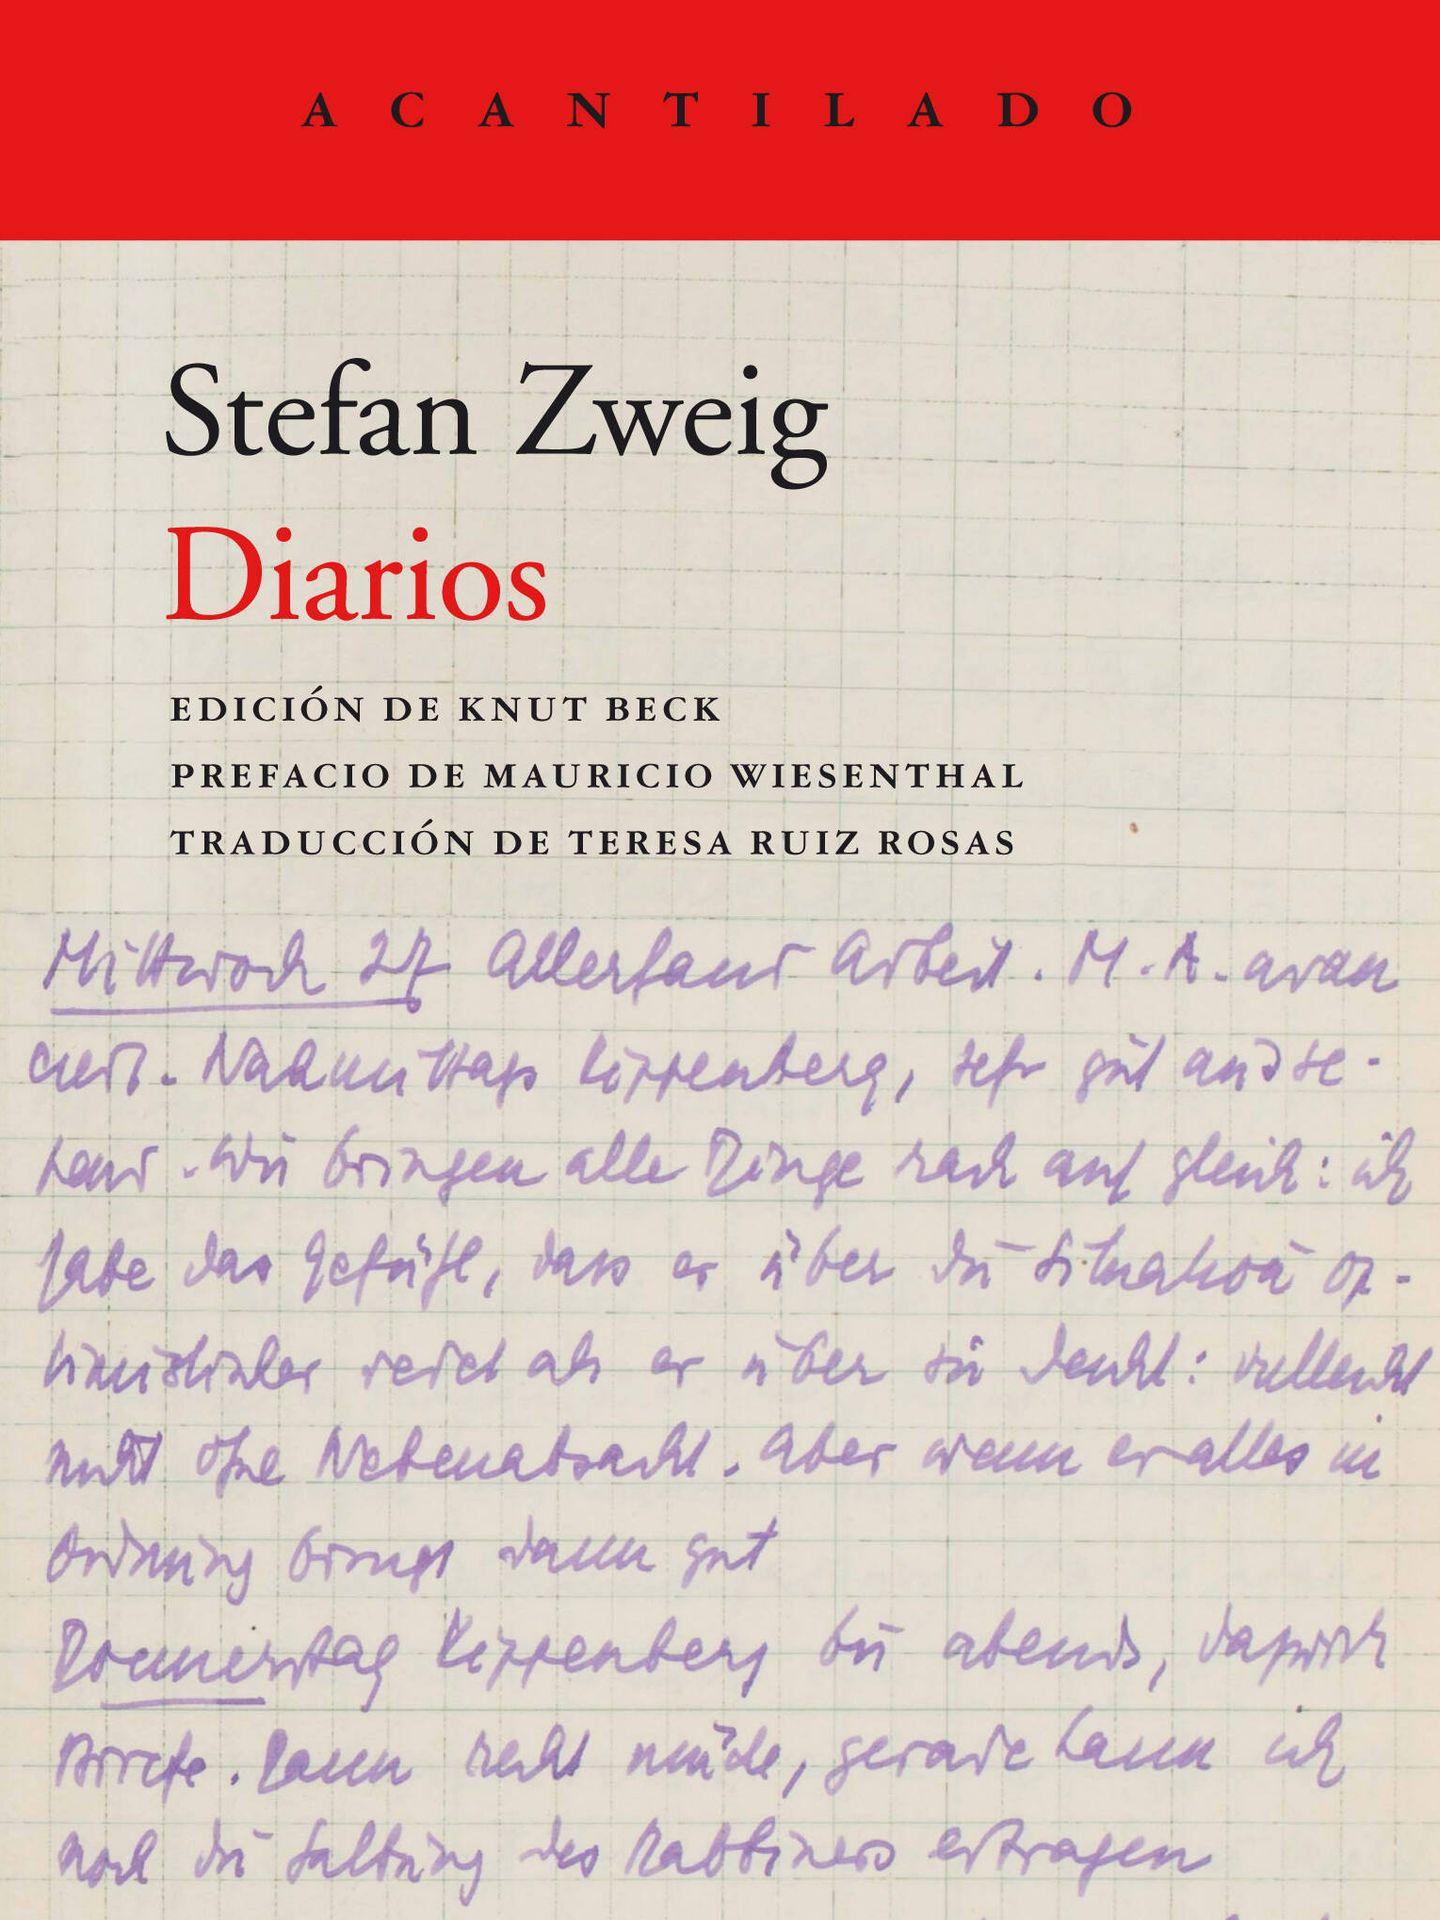 'Diarios' de Zweig (Acantilado)